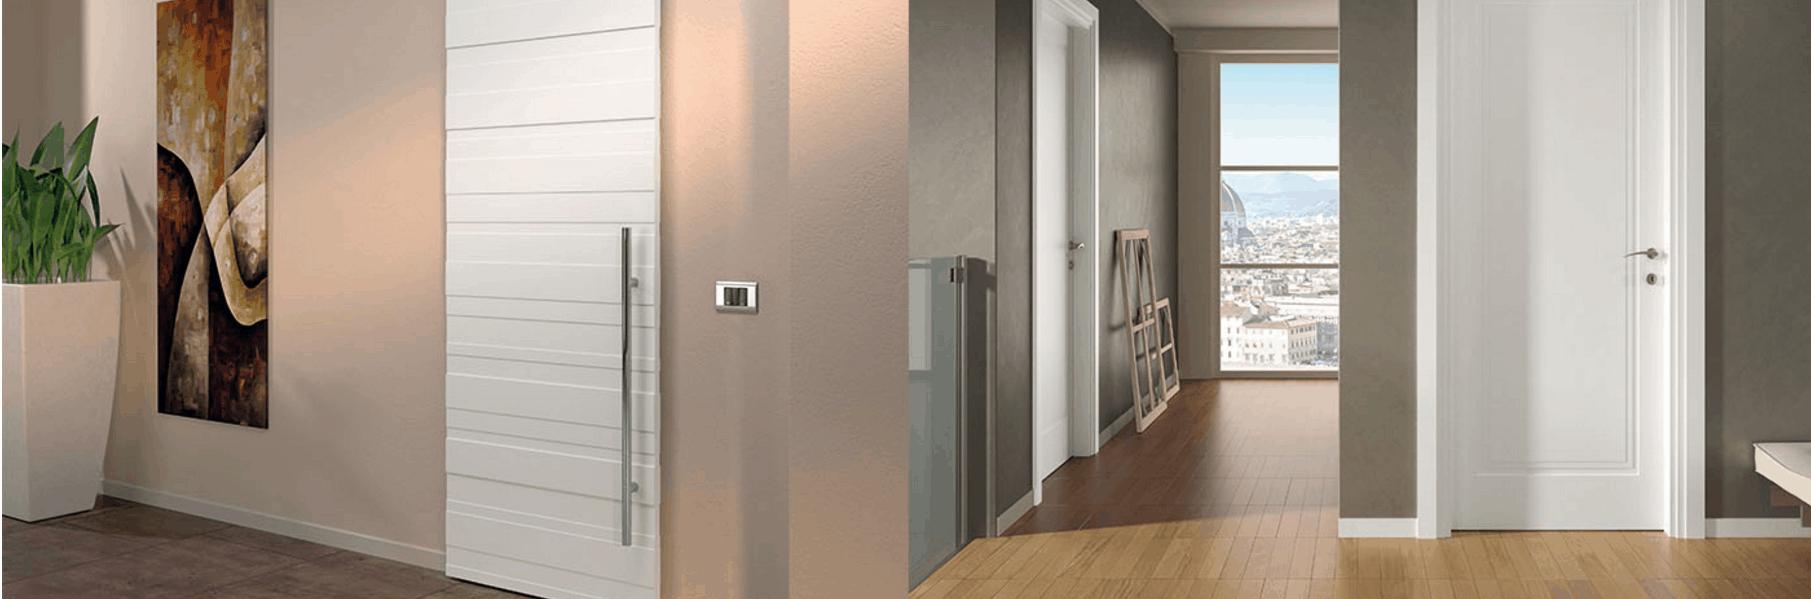 Battiscopa Staccato Dal Pavimento sai come abbinare le porte al pavimento?